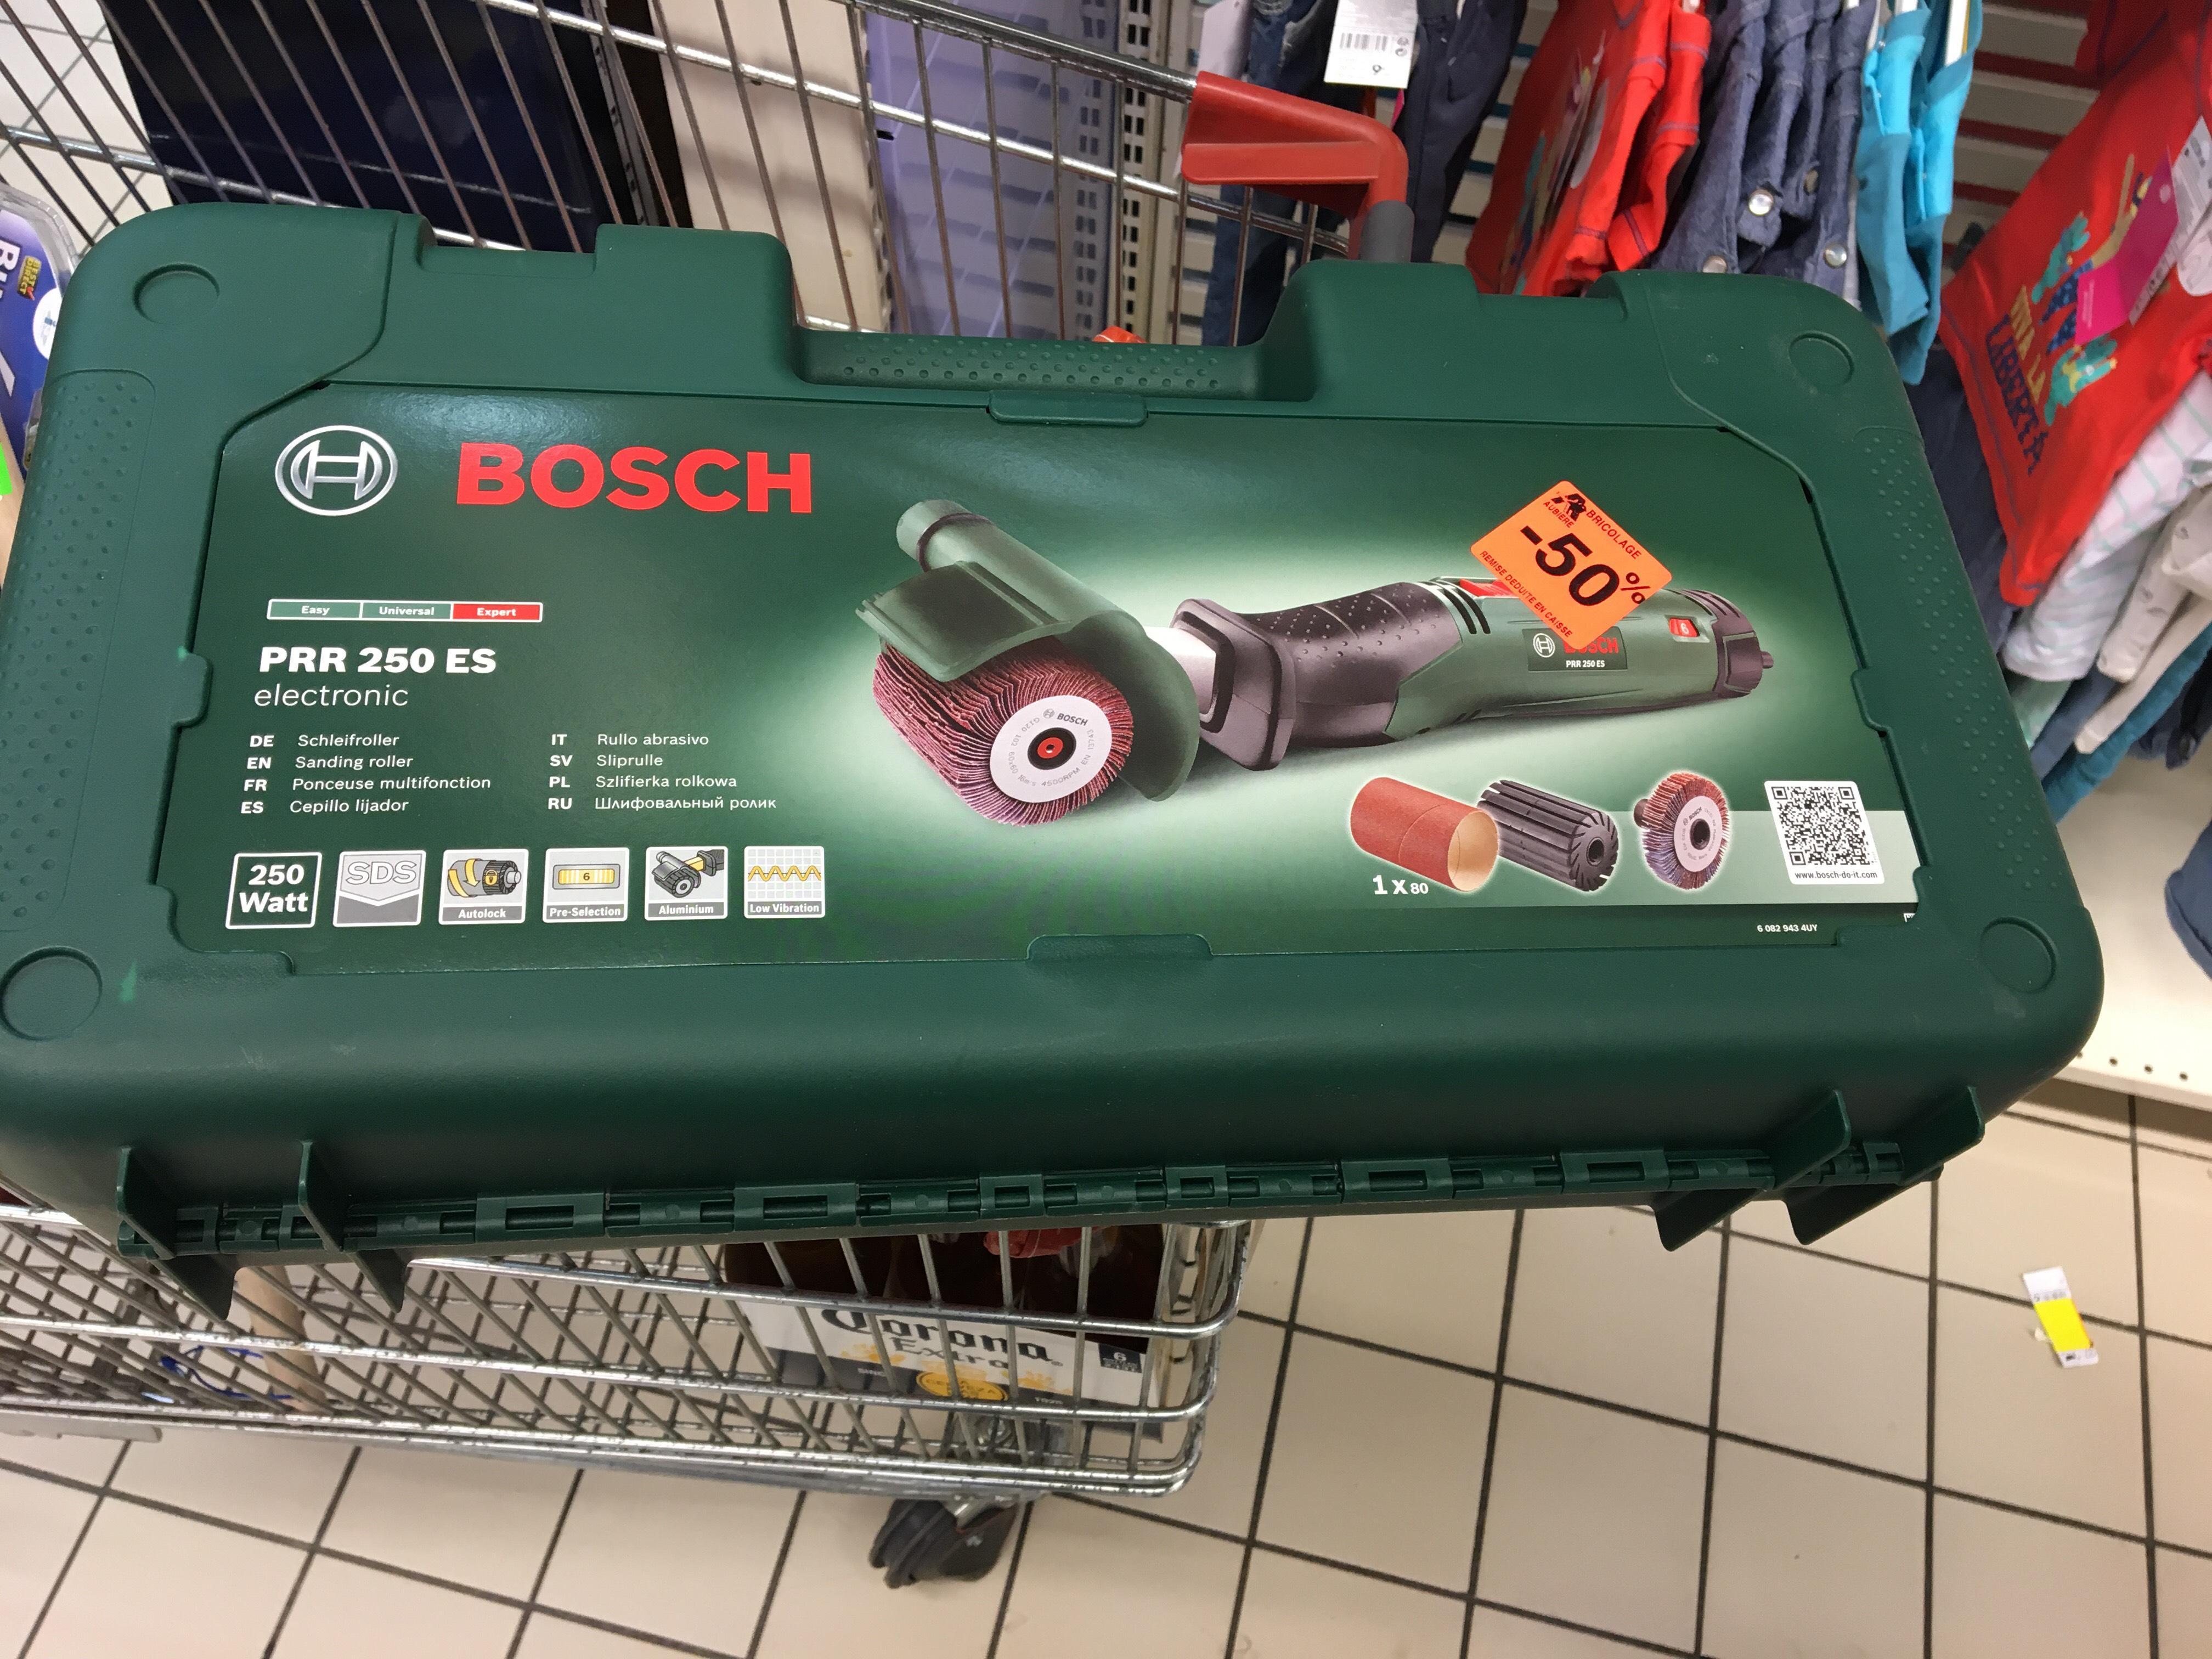 Sélection de produits Bosch en promo - Ex : Ponceuse filaire  multifonction Bosch PRR250ES